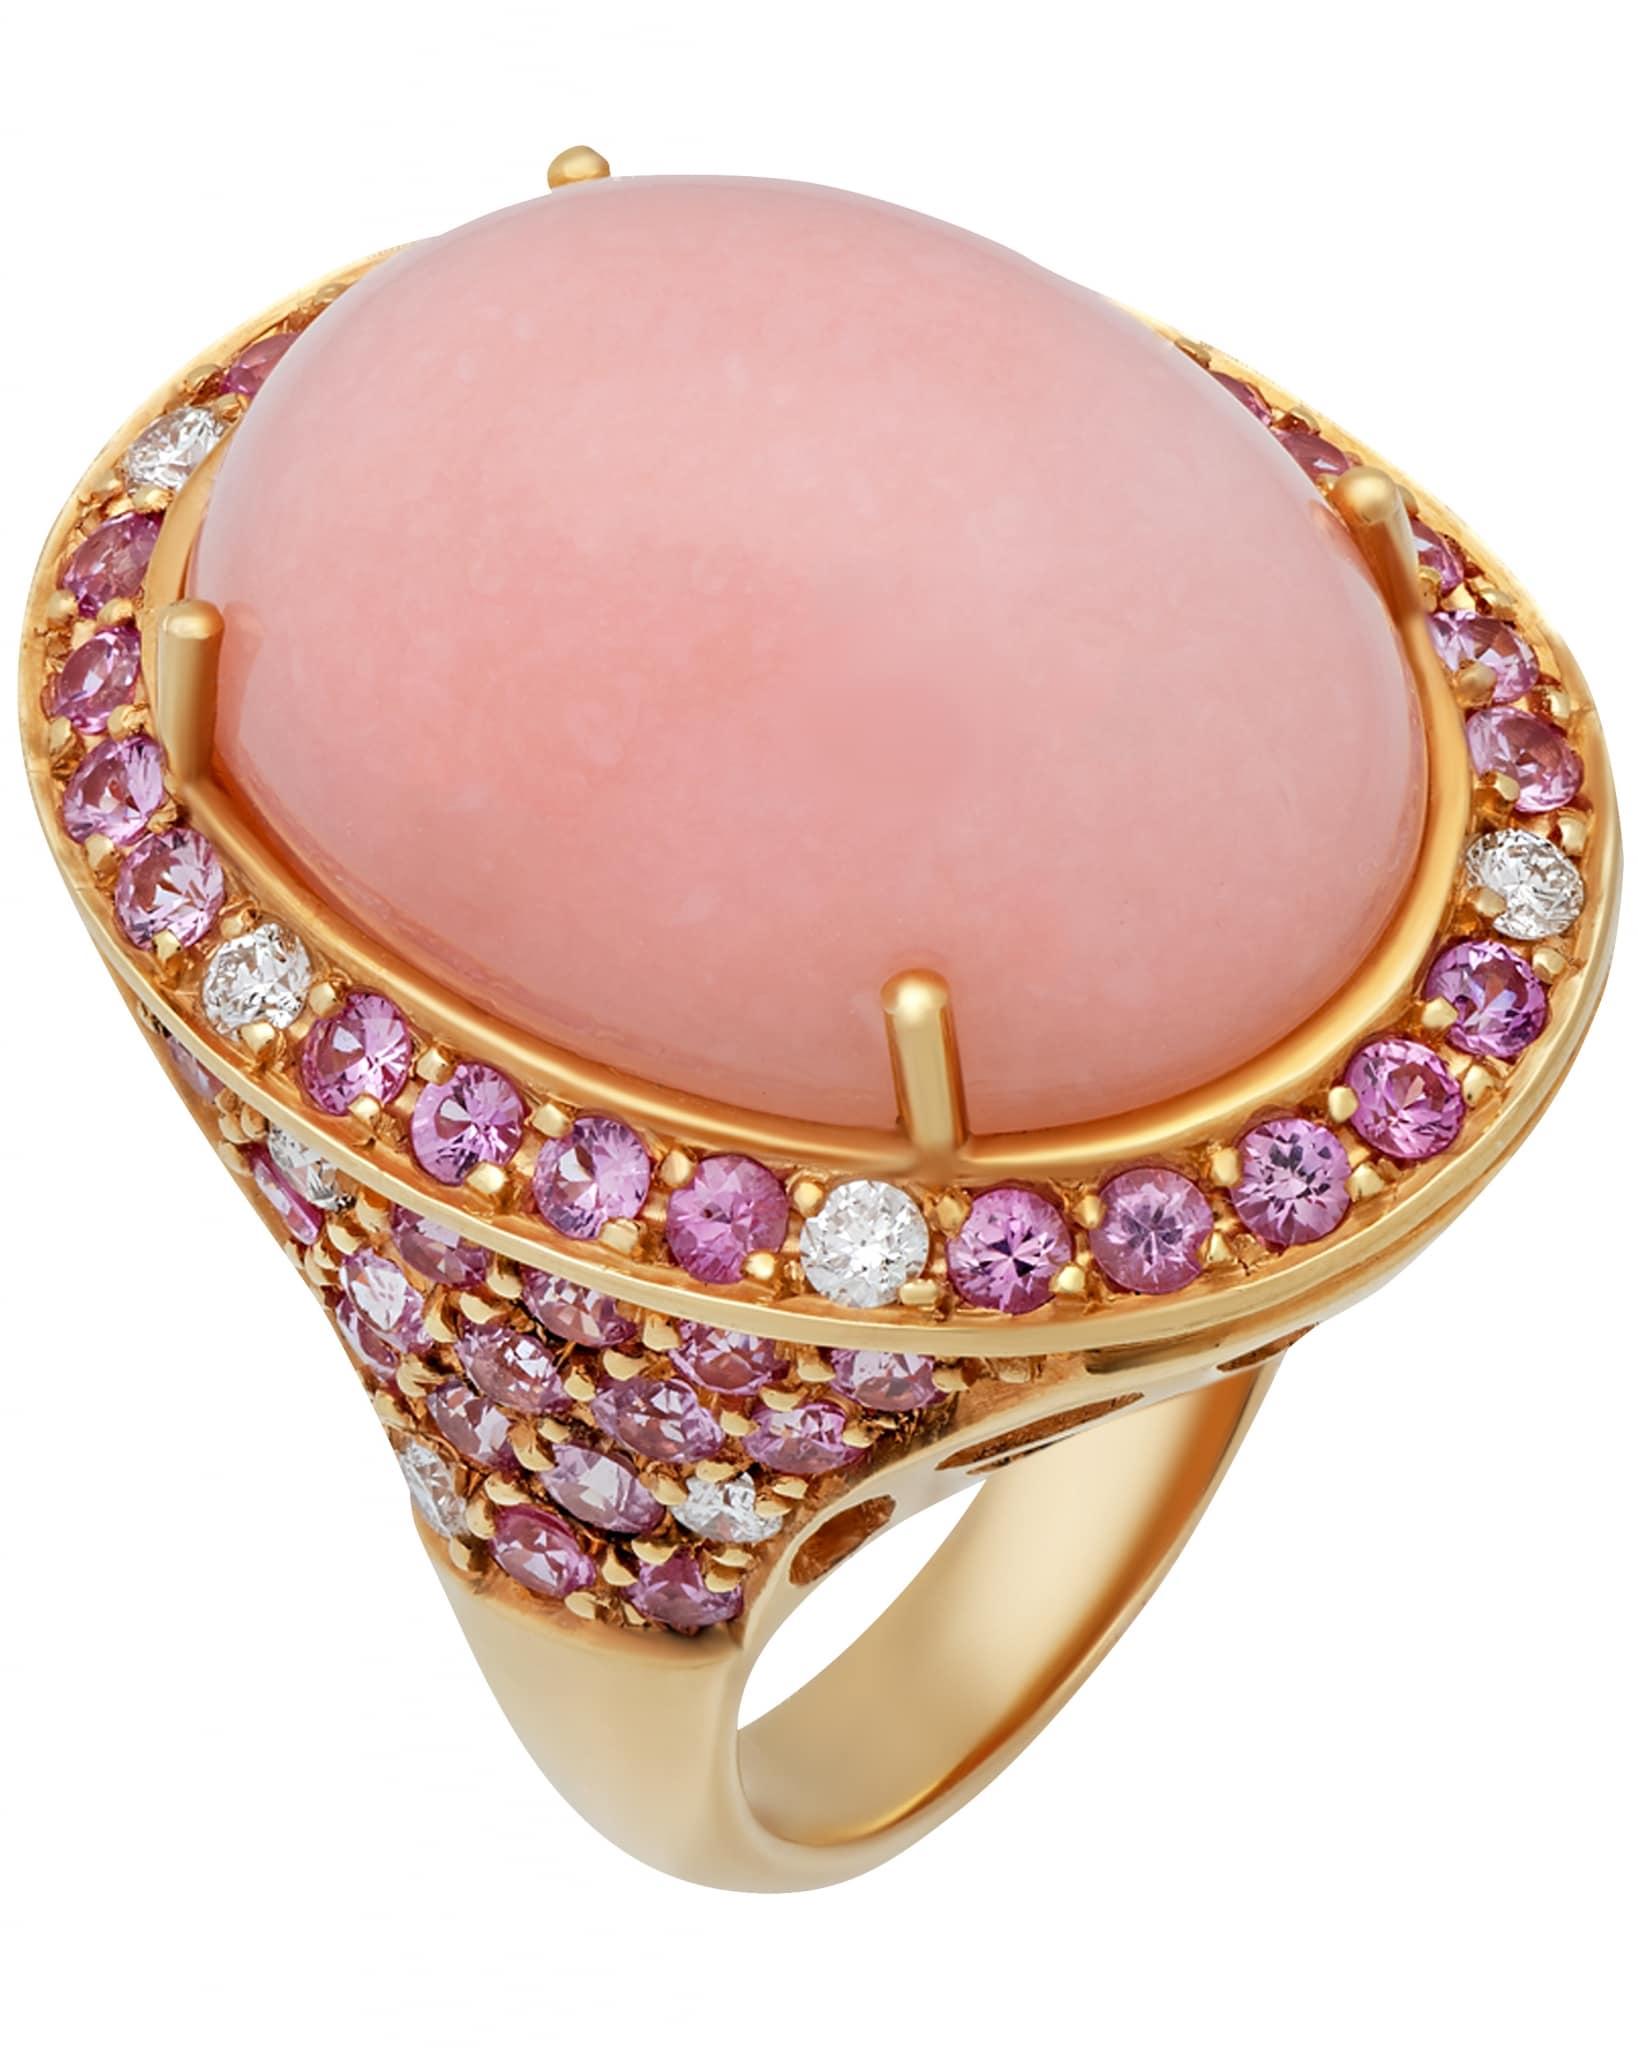 GIANNI LAZZARO – 18K Rose Gold, Diamonds, Pink Sapphires, & Pink Opal, Ring